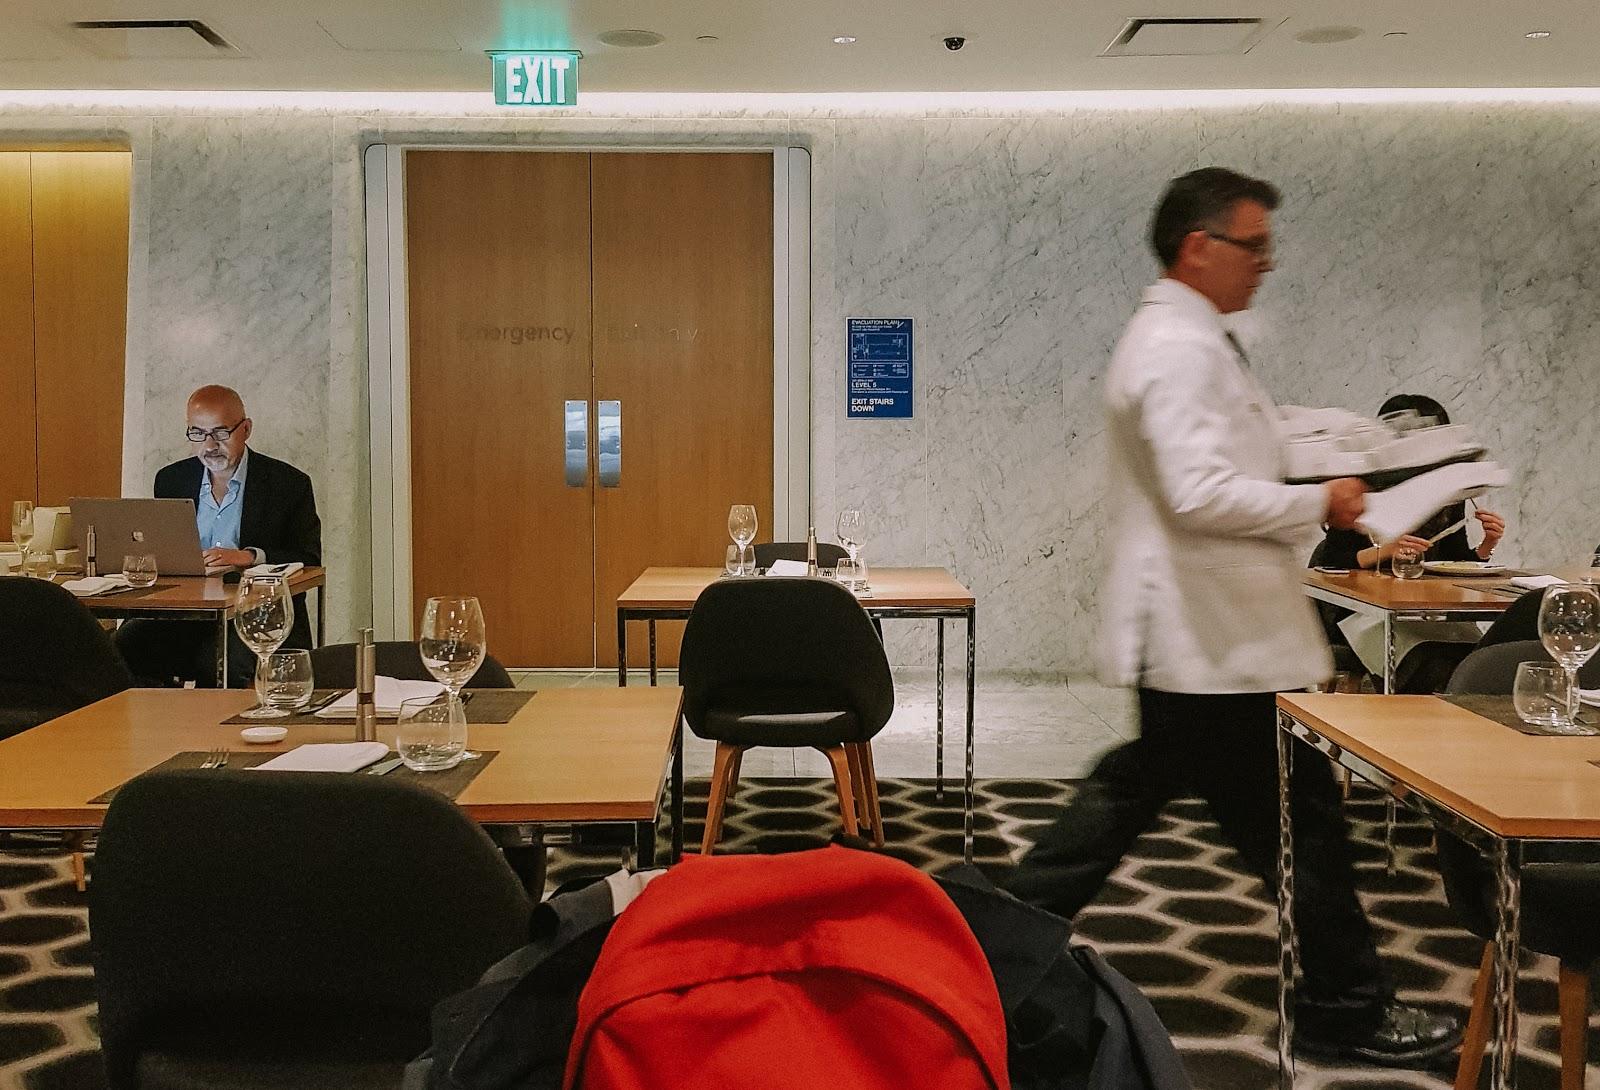 貴賓室|洛杉磯機場 LAX Qantas First Class Lounge 澳洲航空頭等艙貴賓室